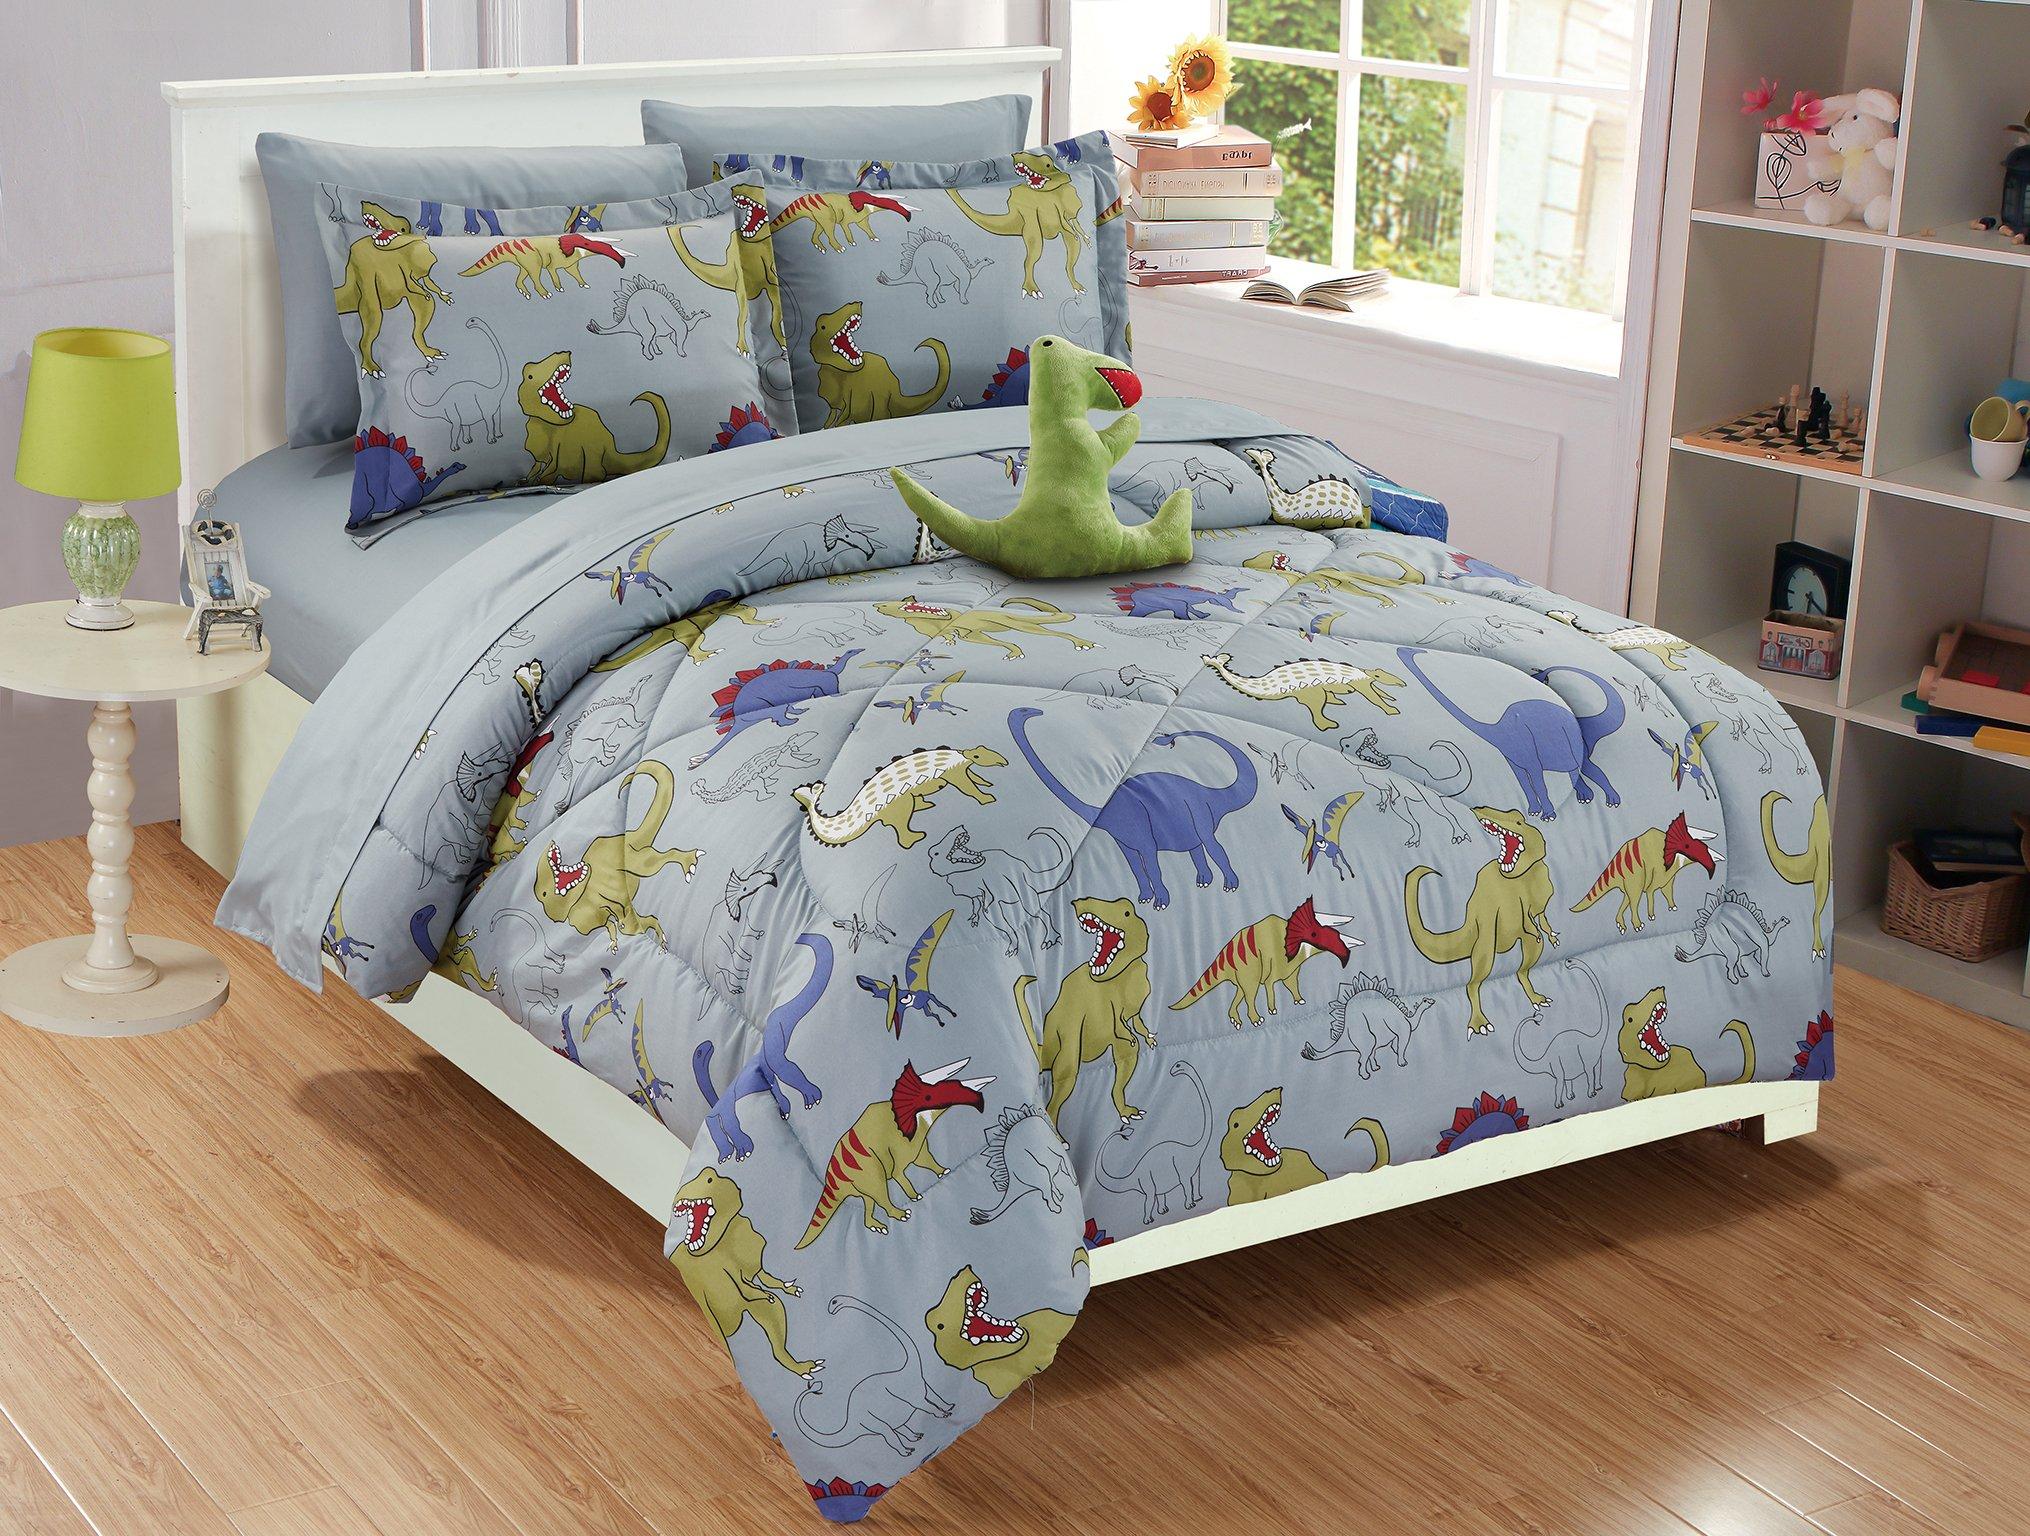 Linen Plus Full Size 8pc Comforter Set for Boys Dinosaur Grey Blue Red New